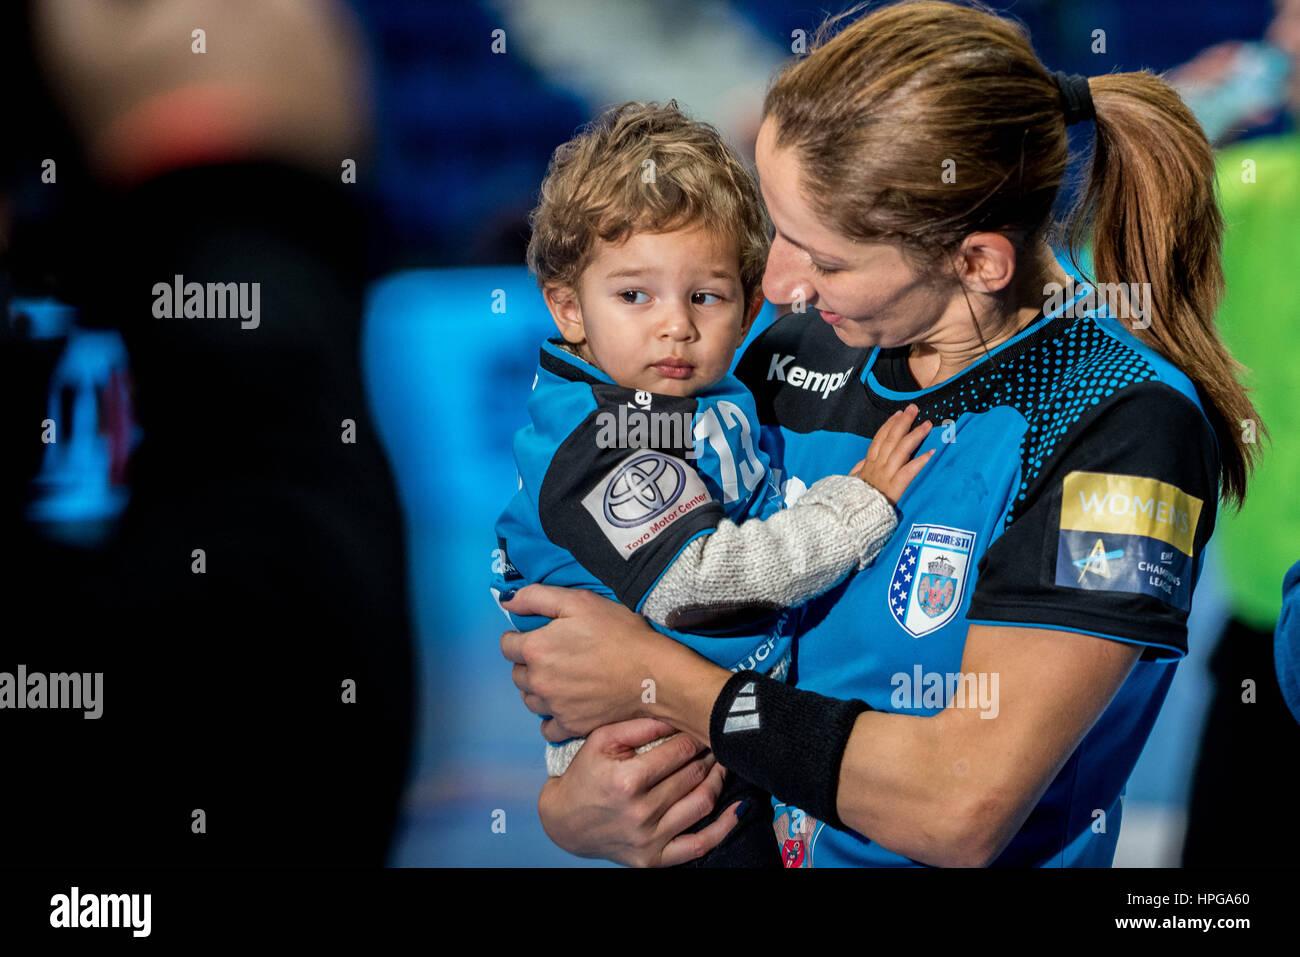 Octubre 16, 2015: Cristina Georgiana Varzaru #13 de CSM Bucarest con su hijo pequeño en el extremo de la mujer Imagen De Stock